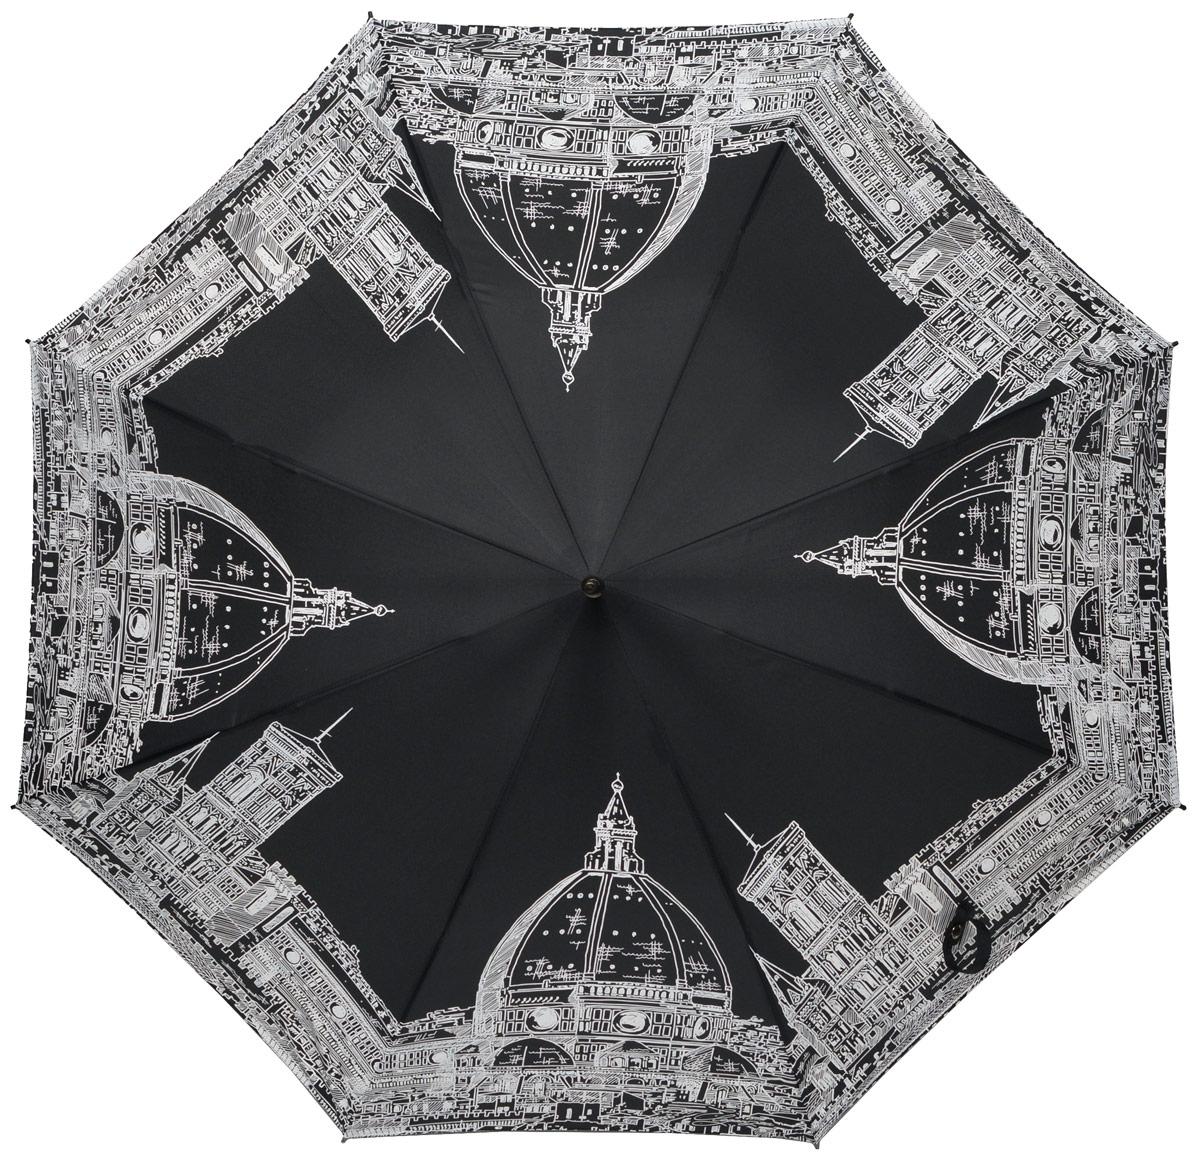 Зонт-трость женский Eleganzza, полуавтомат, 3 сложения, цвет: черный, белый. T-05-0200T-05-0200Элегантный женский зонт-трость Eleganzza не оставит вас незамеченной. Изделие оформлено оригинальным принтом. Зонт состоит из восьми спиц изготовленных из фибергласса и стержня из стали. Купол выполнен из качественного полиэстера и эпонжа, которые не пропускают воду. Зонт дополнен удобной ручкой из матового пластика, которая имеет форму крючка. Также зонт имеет заостренный наконечник, который устраняет попадание воды на стержень и уберегает зонт от повреждений. Зонт оснащен чехлом и удобным ремешком, благодаря которому зонт можно носить на плече. Изделие имеет полуавтоматический механизм сложения: купол открывается нажатием кнопки на ручке, а складывается вручную до характерного щелчка. Оригинальный и практичный аксессуар даже в ненастную погоду позволит вам оставаться женственной и привлекательной.